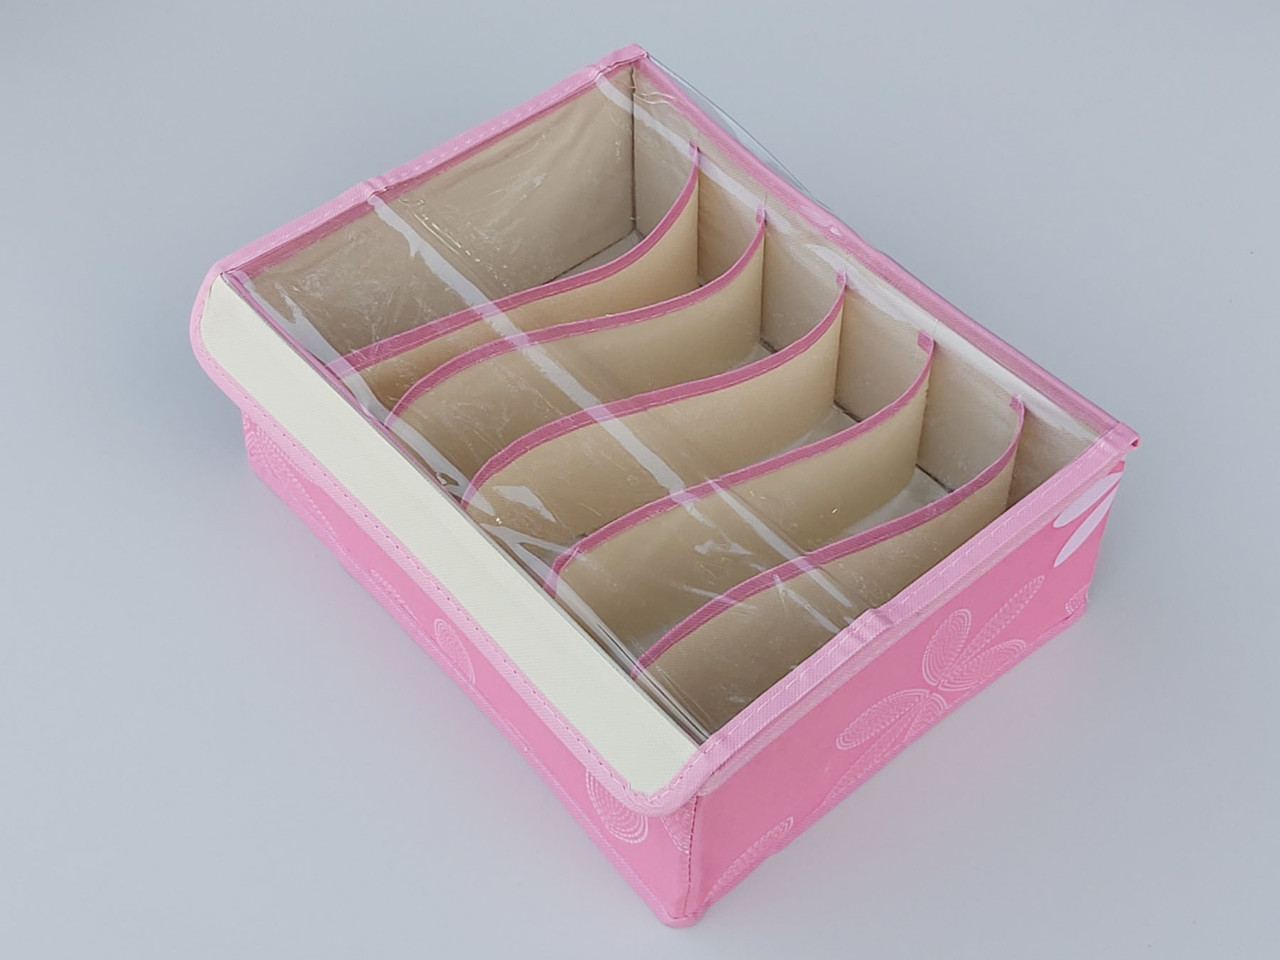 Органайзер на 6 отделений с крышкой  для хранения нижнего белья и мелких предметов одежды.Цвет розовый